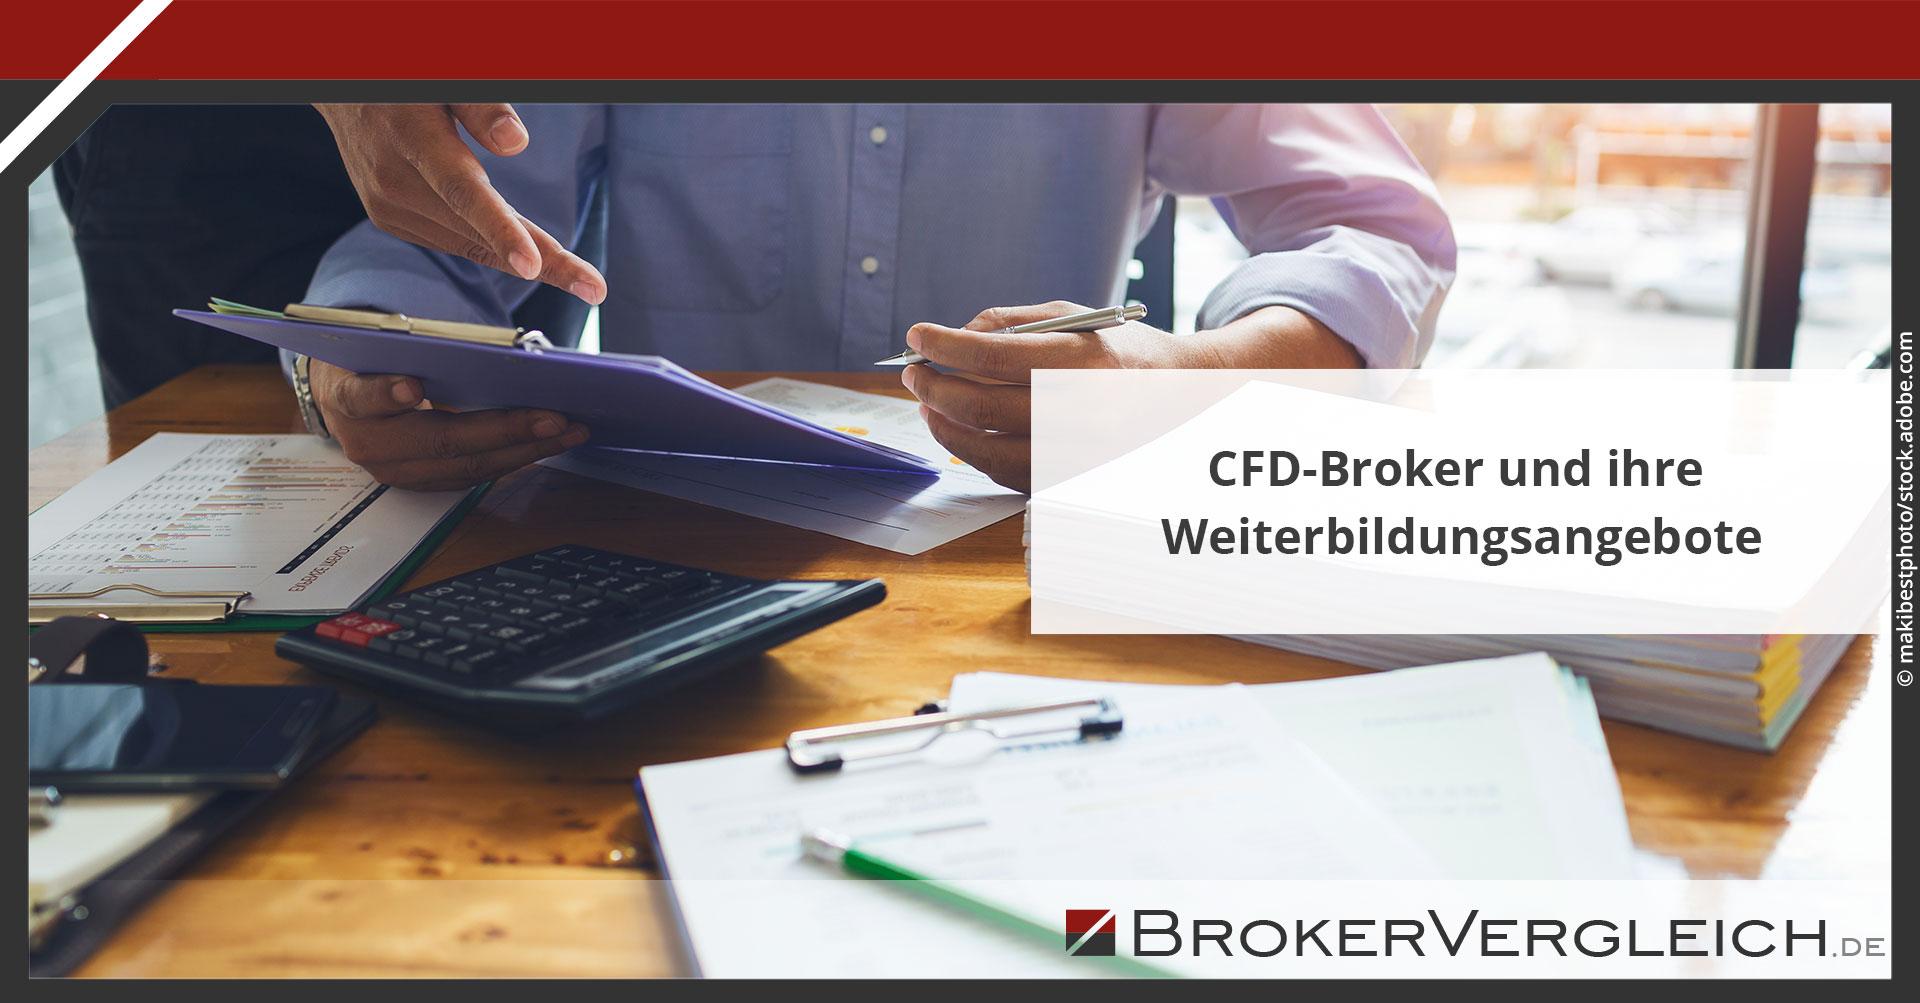 Zum Beitrag - CFD-Broker und ihre Weiterbildungsangebote